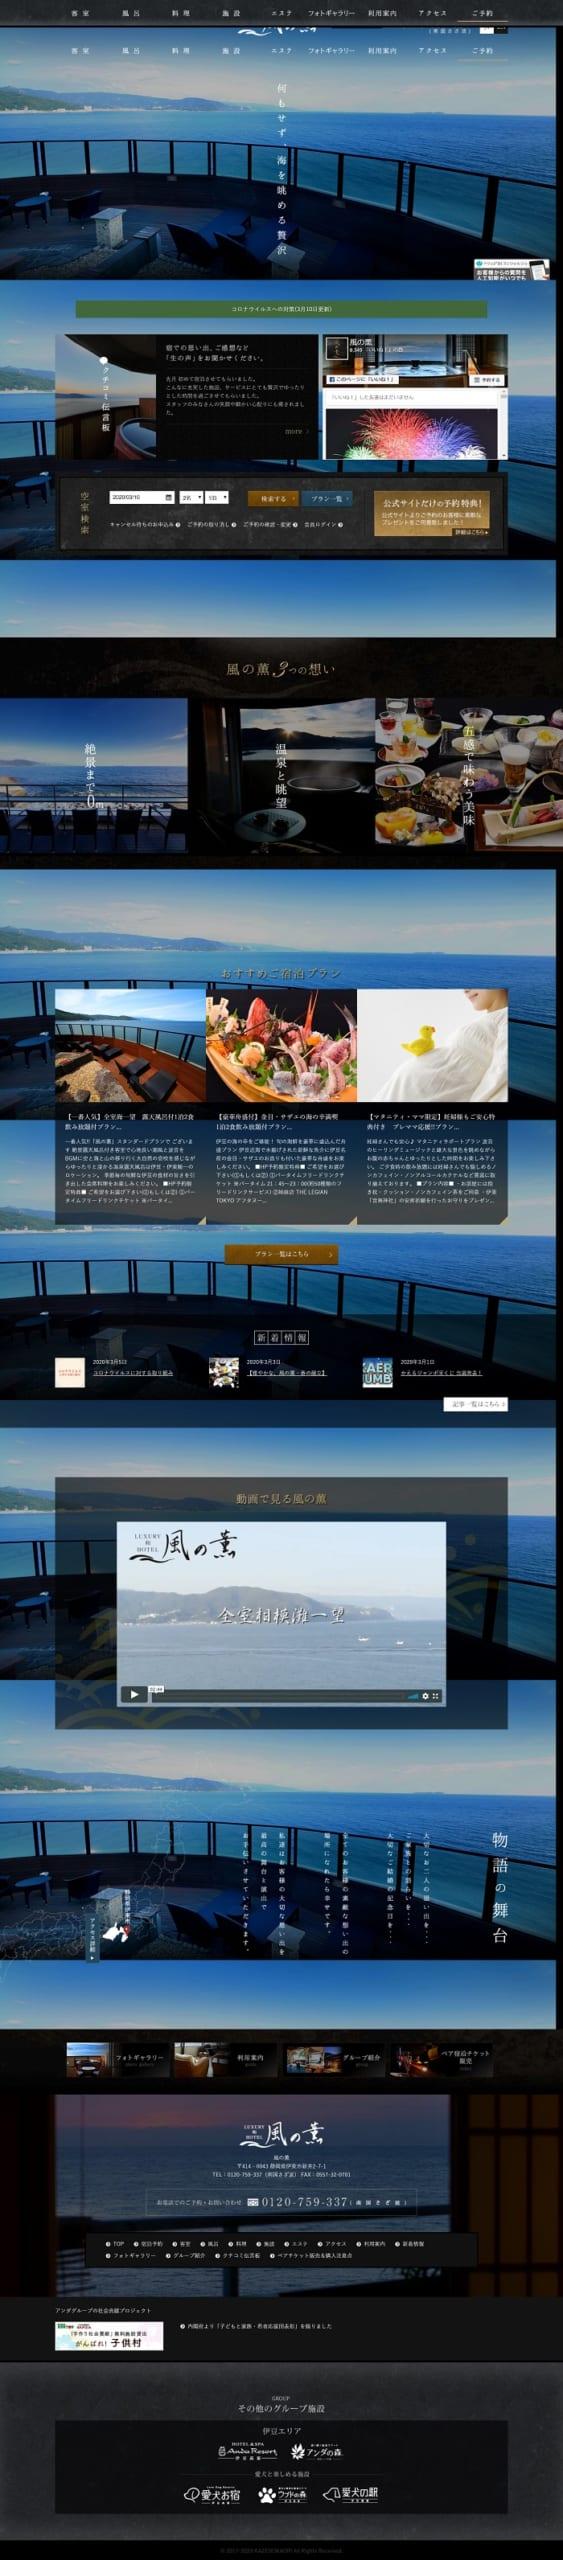 【公式サイト】ホテル風の薫 | 伊豆・伊東温泉の高級旅館(HP予約特典有)